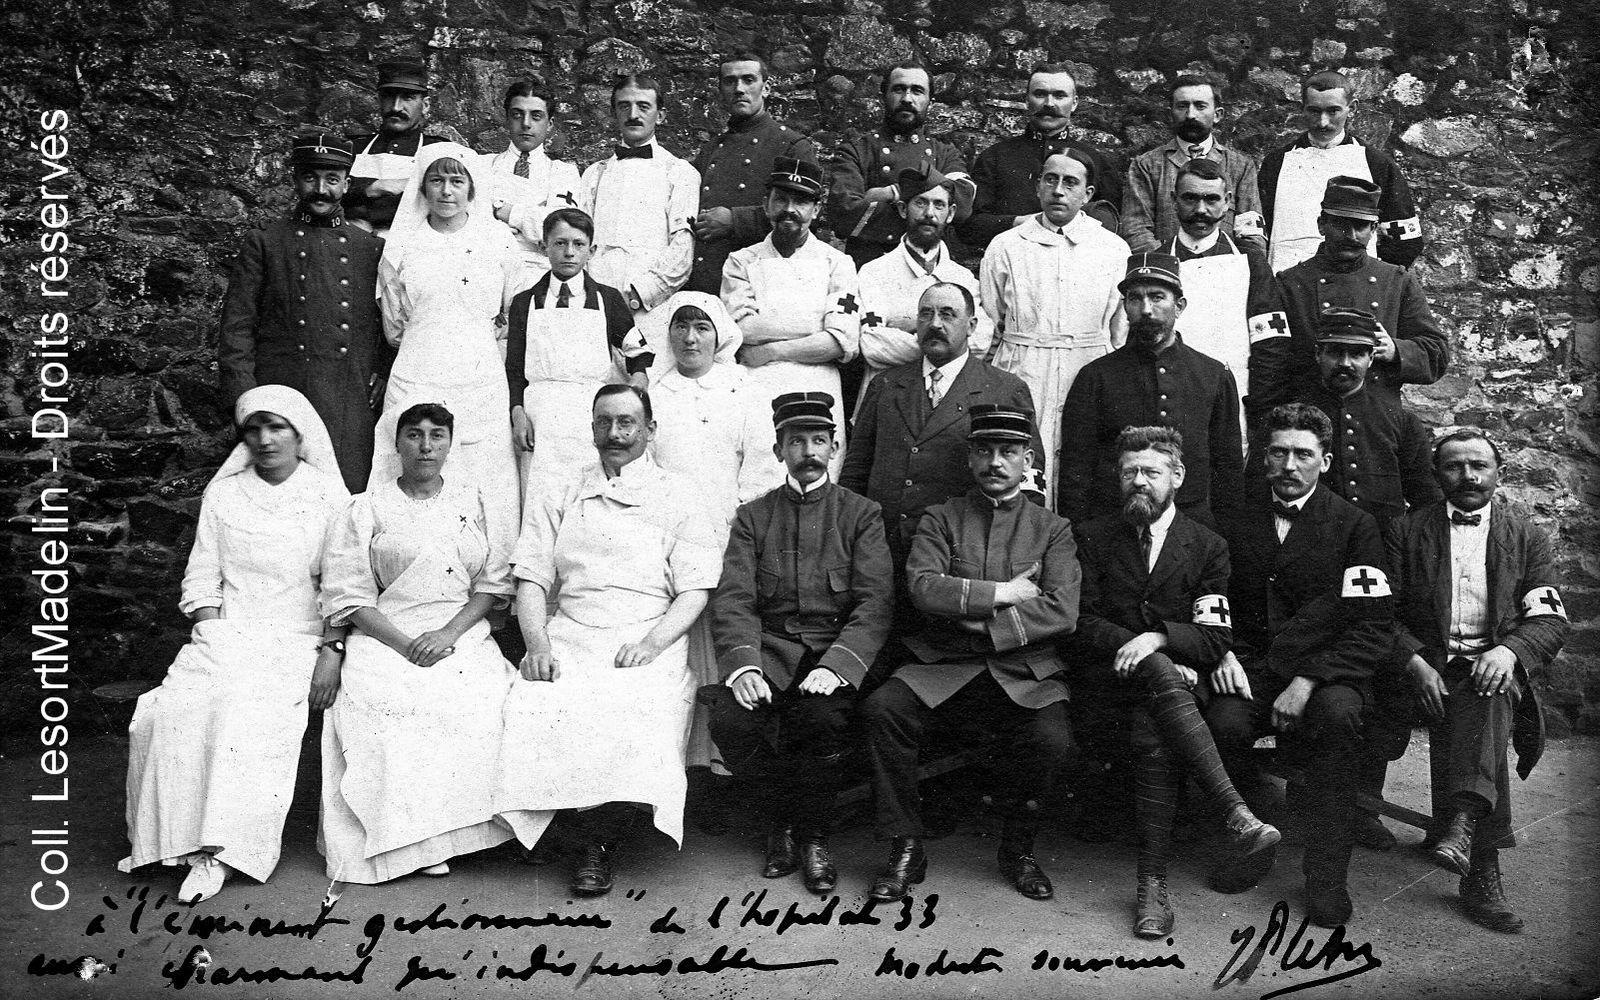 Le personnel de l'hôpital complémentaire n° 33 de Granville, ca1915-1916. André Lesort est assis au 1er rang, le 3e à partir de la droite. (coll. Famille LesortMadelin- Droits réservés).